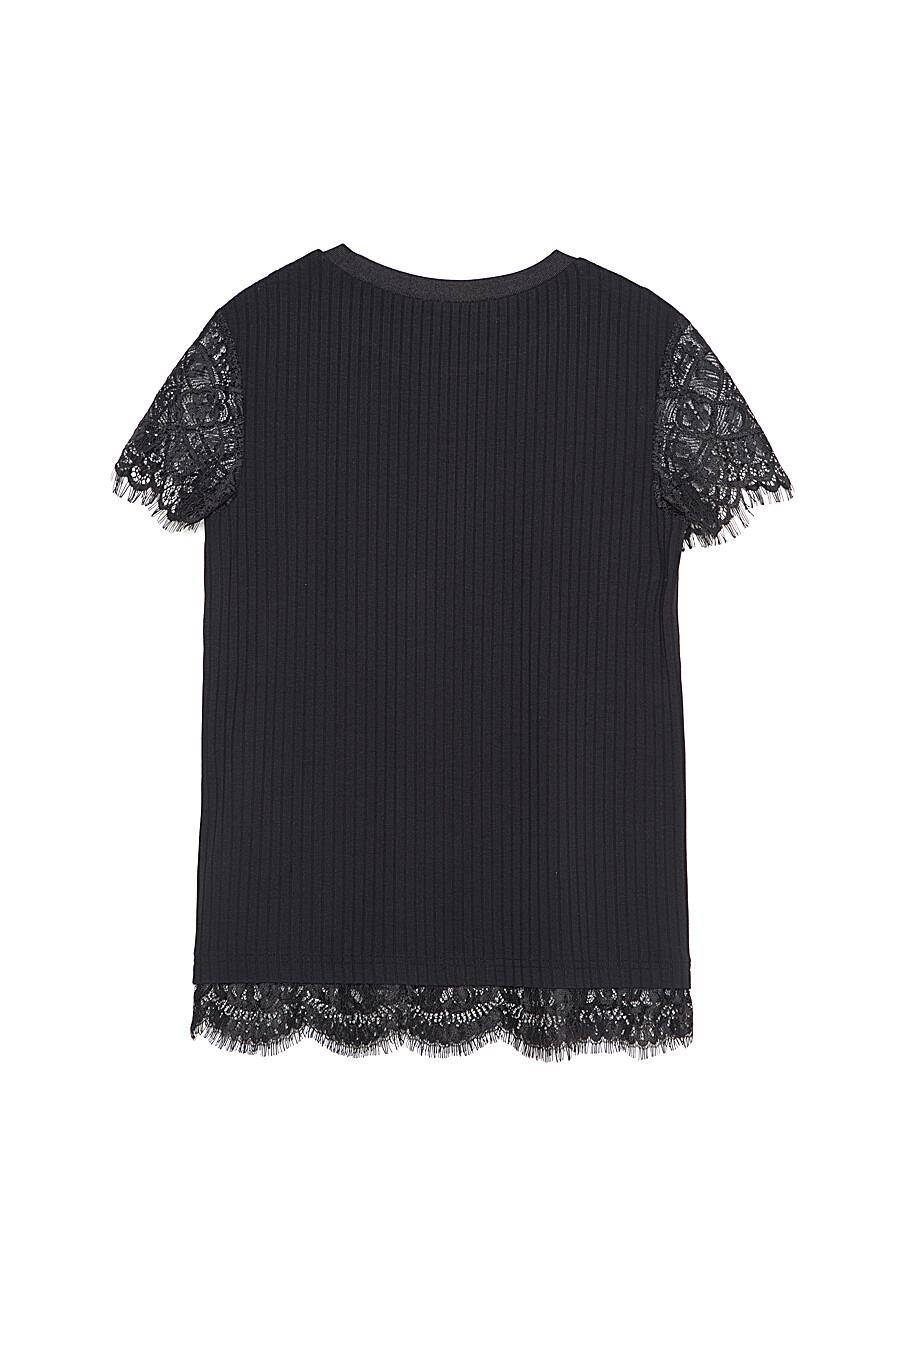 Топ для женщин CONTE ELEGANT 148337 купить оптом от производителя. Совместная покупка женской одежды в OptMoyo